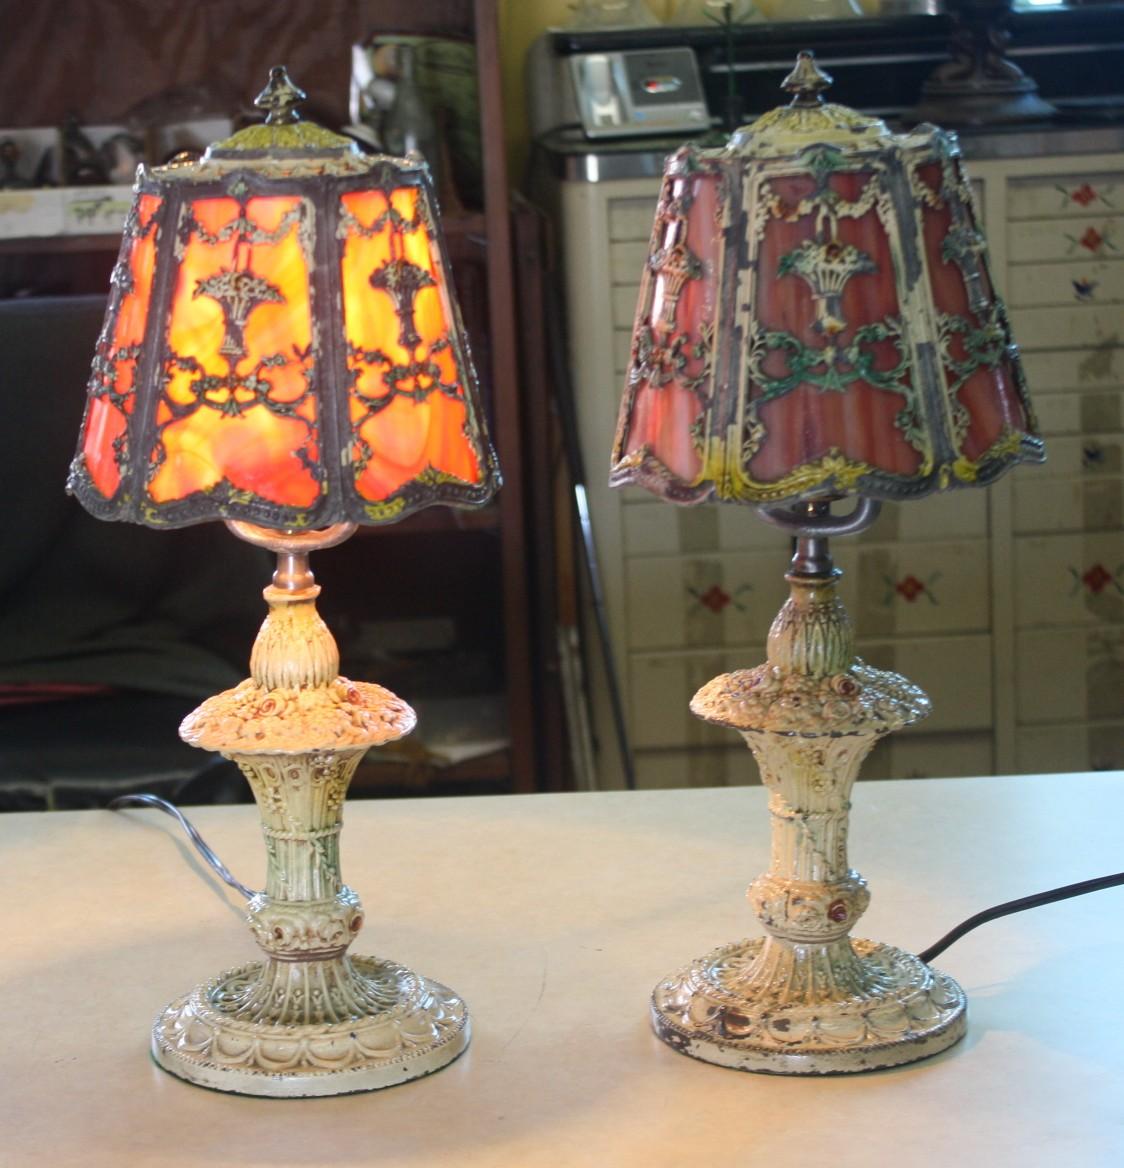 antique barbola rose cast metal slag glass lamps for sale antiques. Black Bedroom Furniture Sets. Home Design Ideas